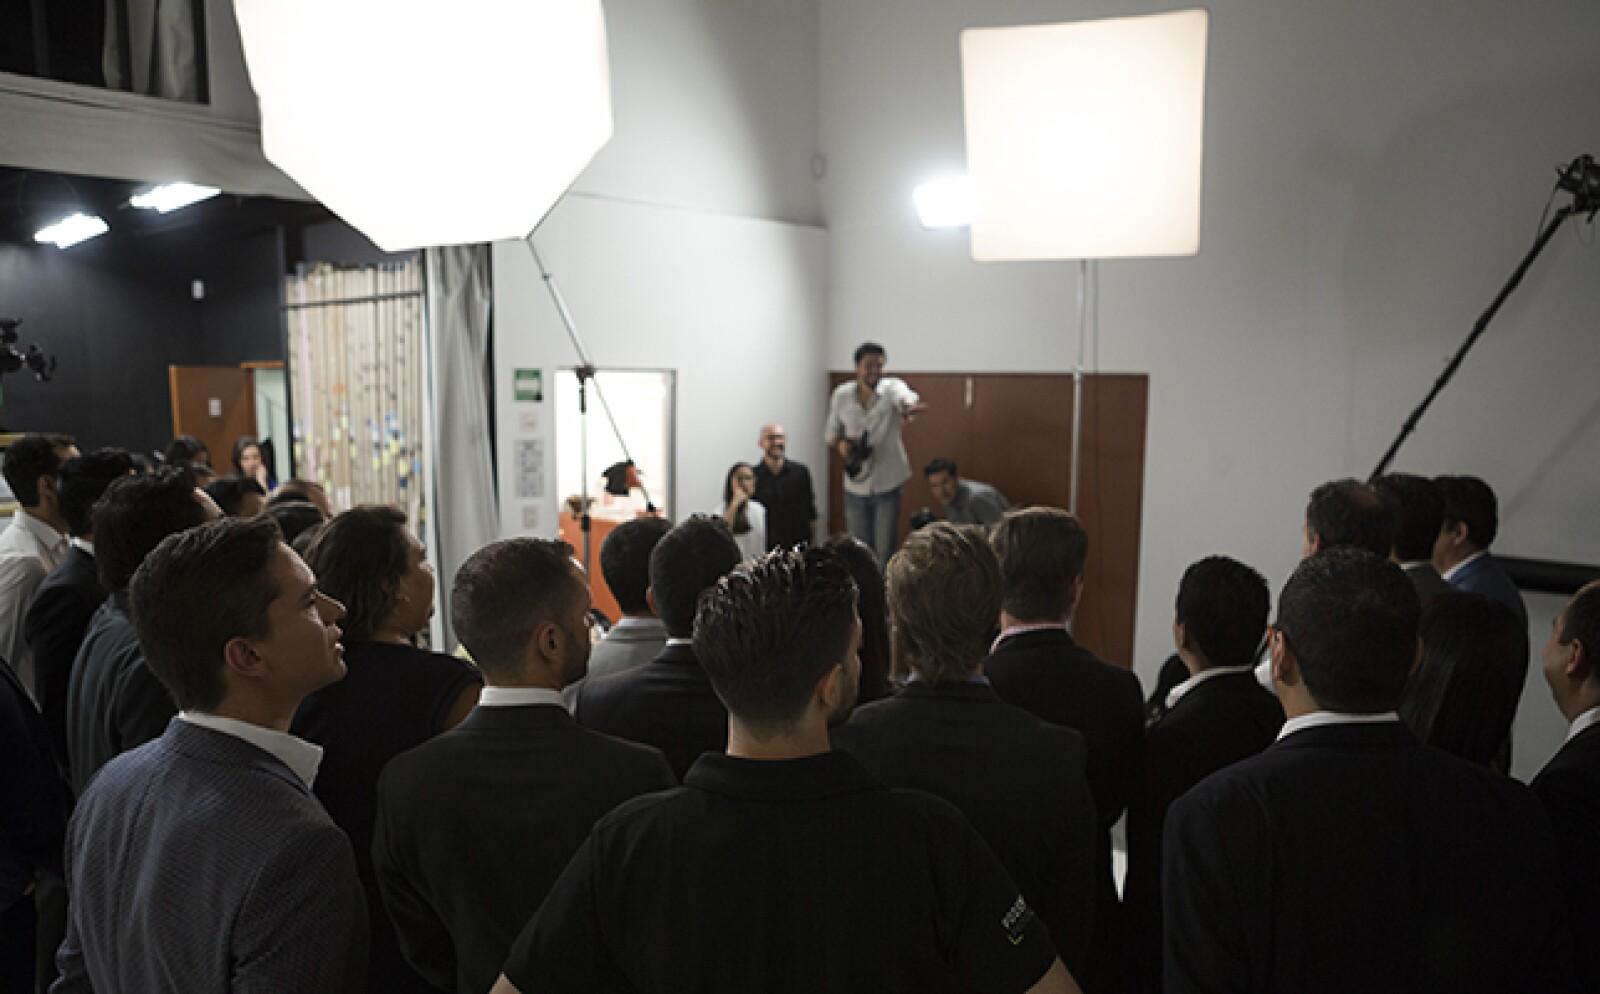 Los Emprendedores 2015 se reunieron en el estudio de fotografía para tomarse la foto oficial de generación. Posteriormente, empresa por empresa llevó a cabo su sesión fotográfica. En agosto, los ganadores aparecerán en la portada de Expansión.